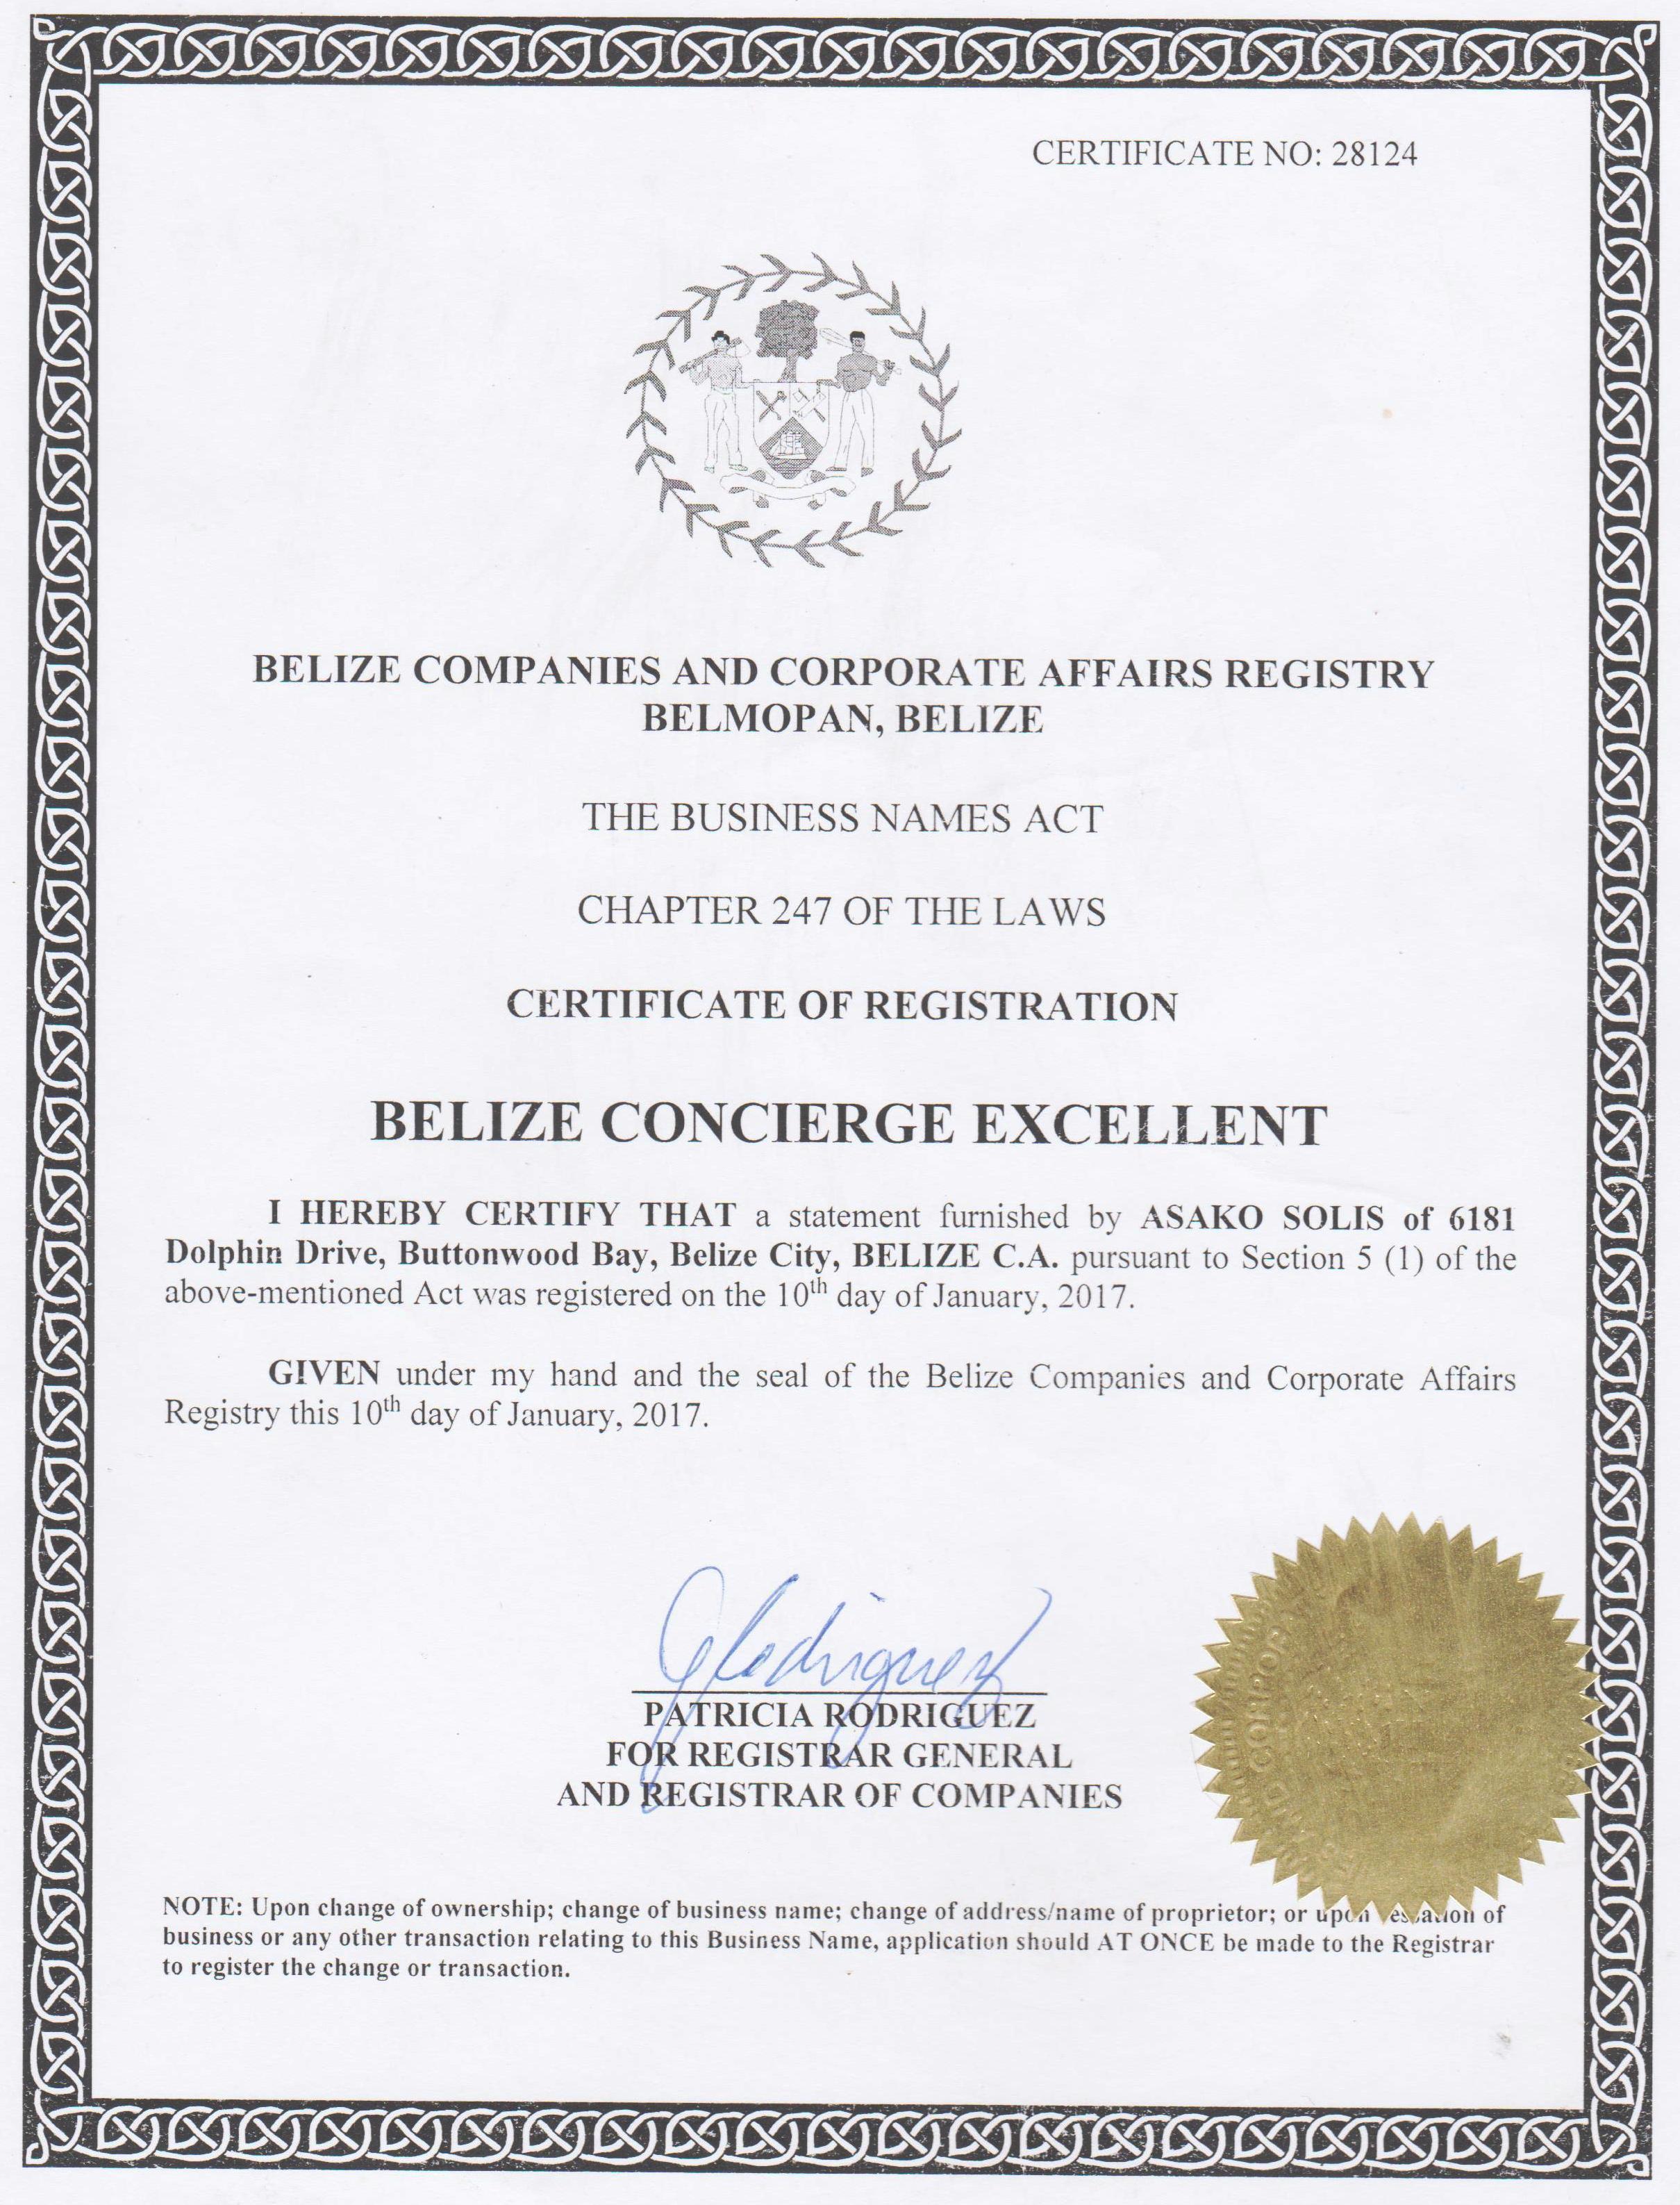 Certificate Of Company Registration Belize Concierge Excellent